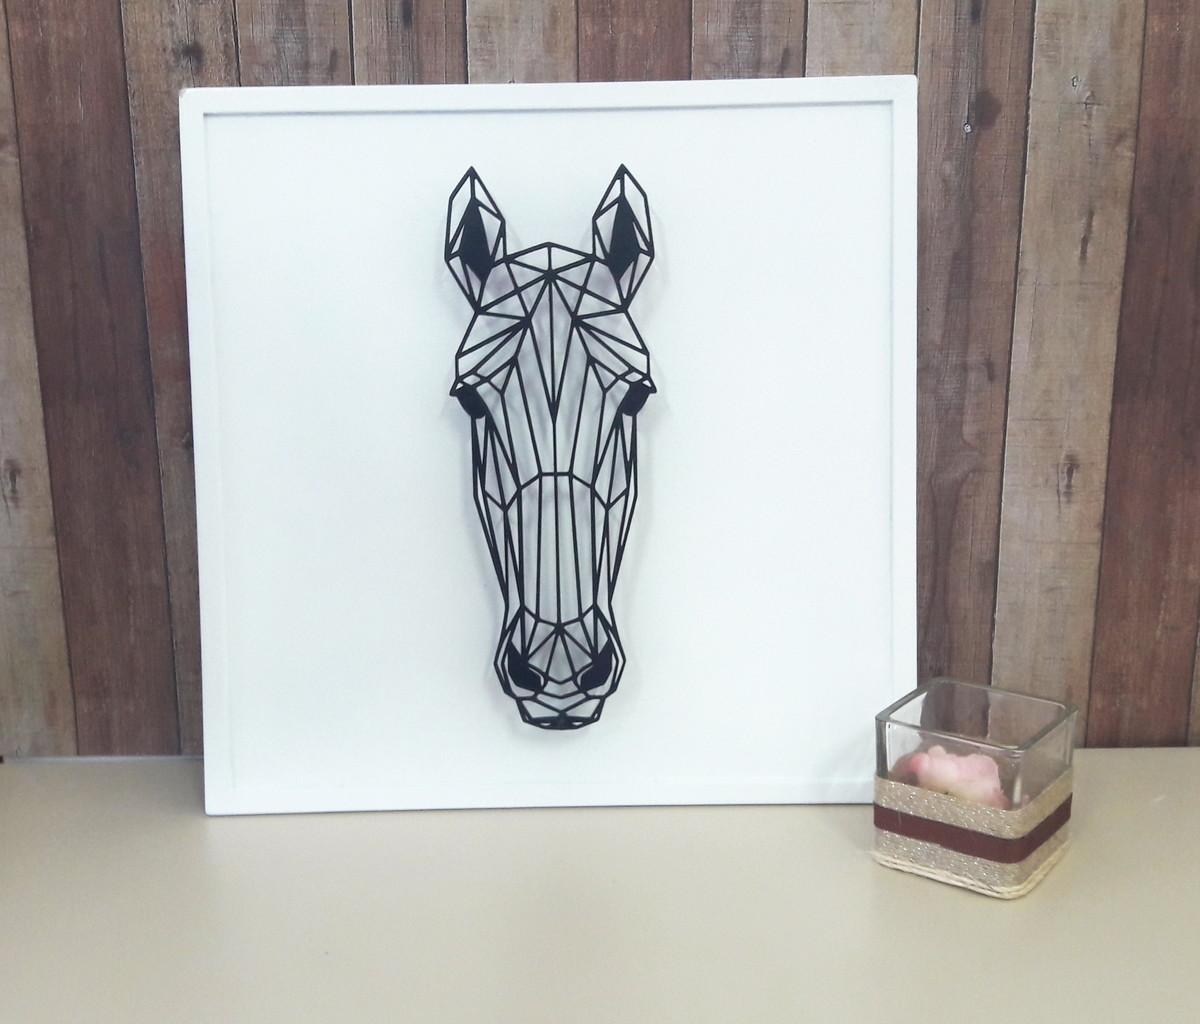 Quadro Decorativo Cavalo Geometrica No Elo7 Delliart Mdf